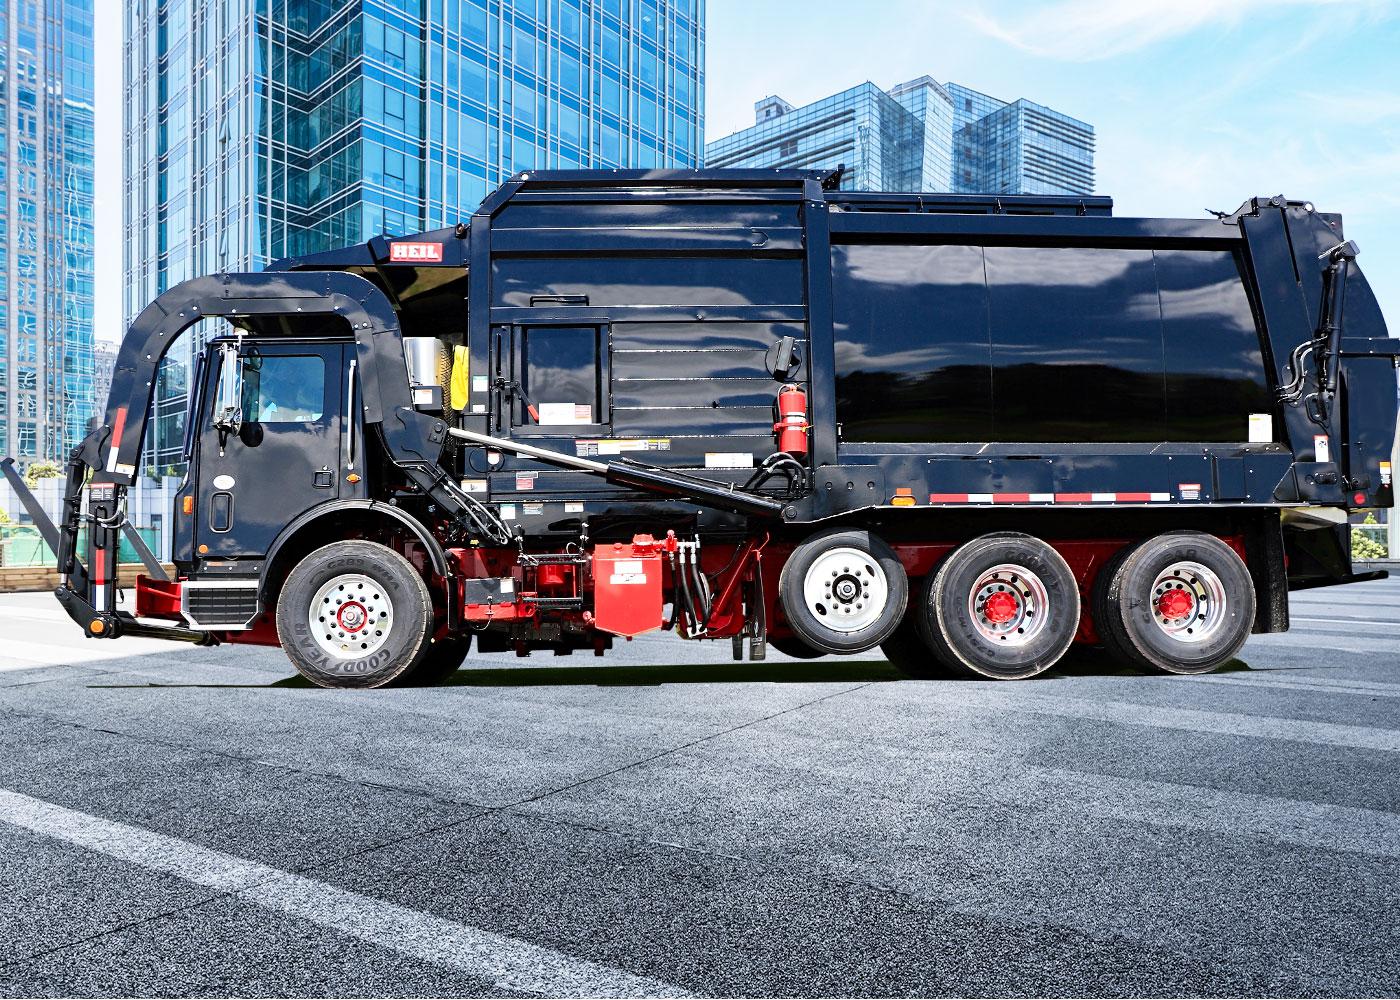 Half Pack Frontload Garbage Trucks